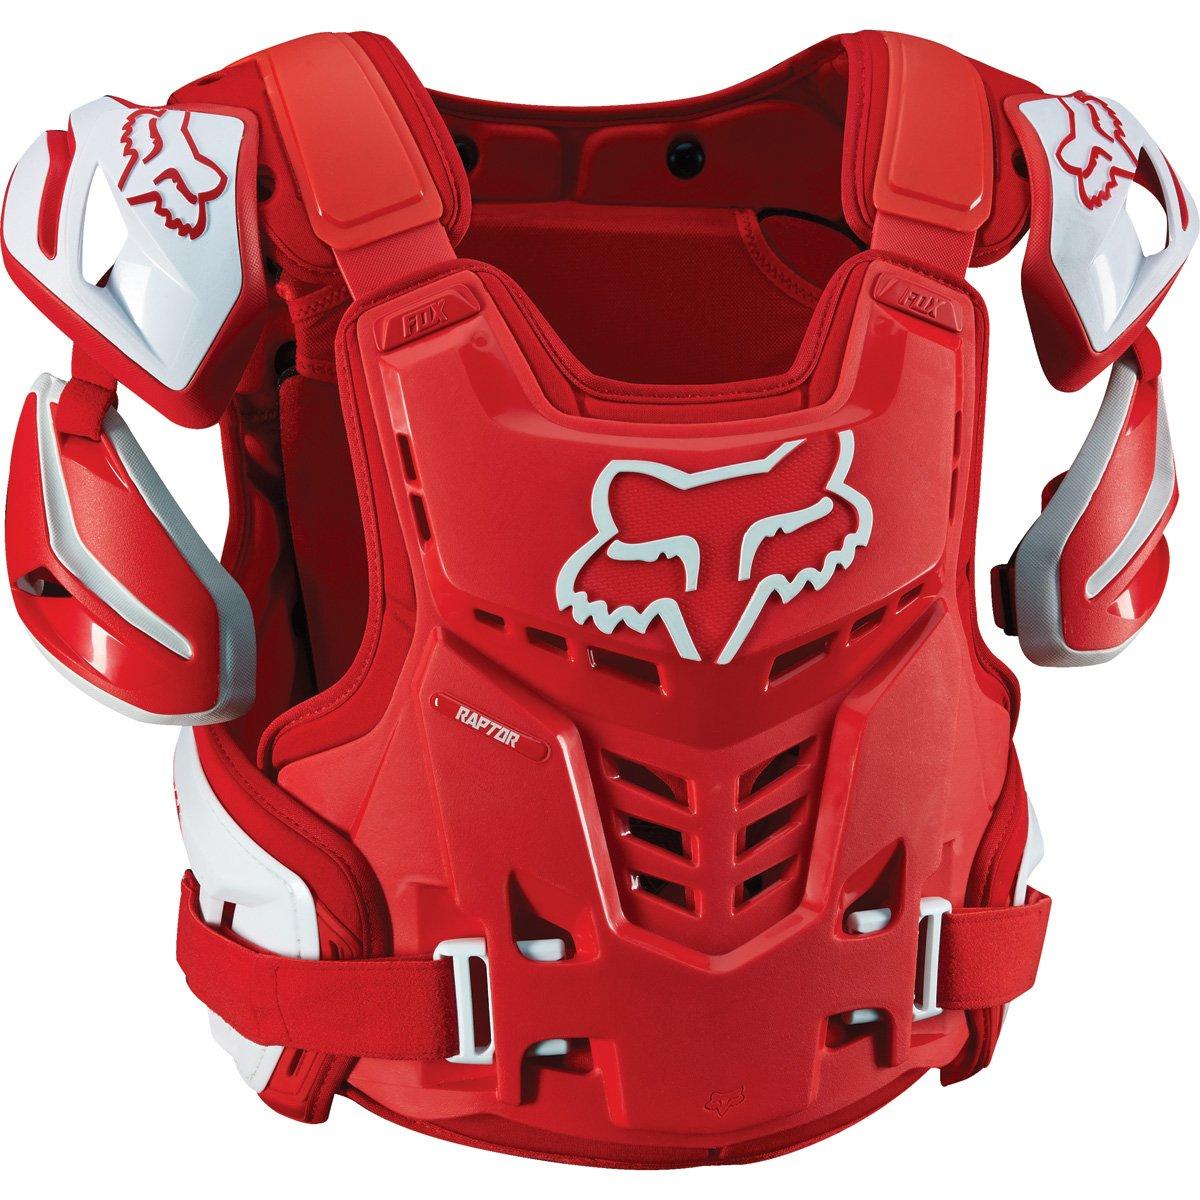 Fox Racing Adult Raptor Vest-Red-S/M